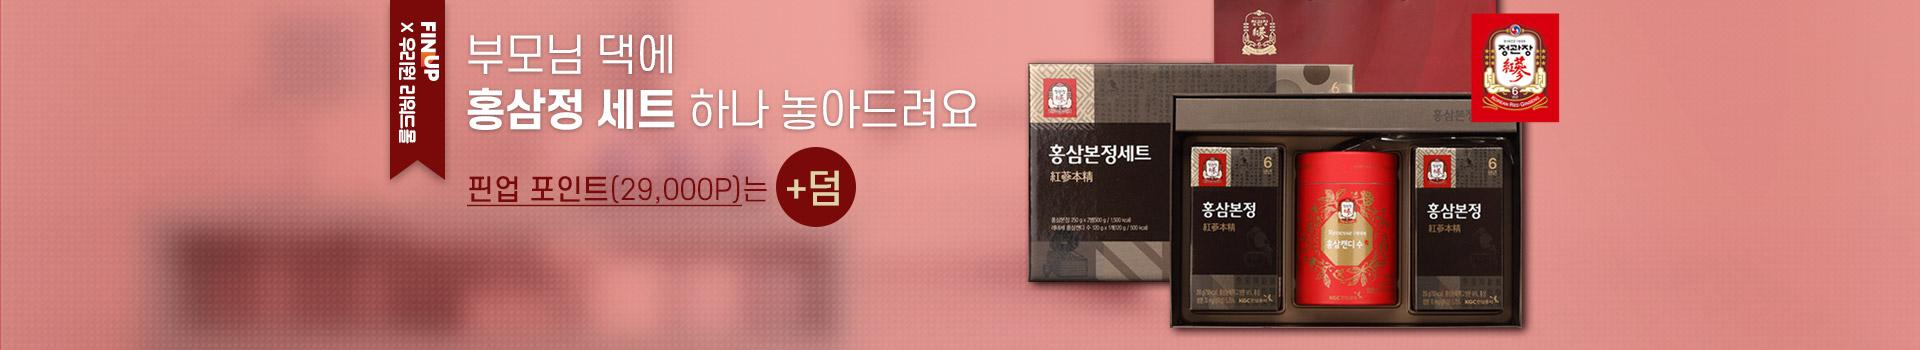 우리원몰 홍삼정